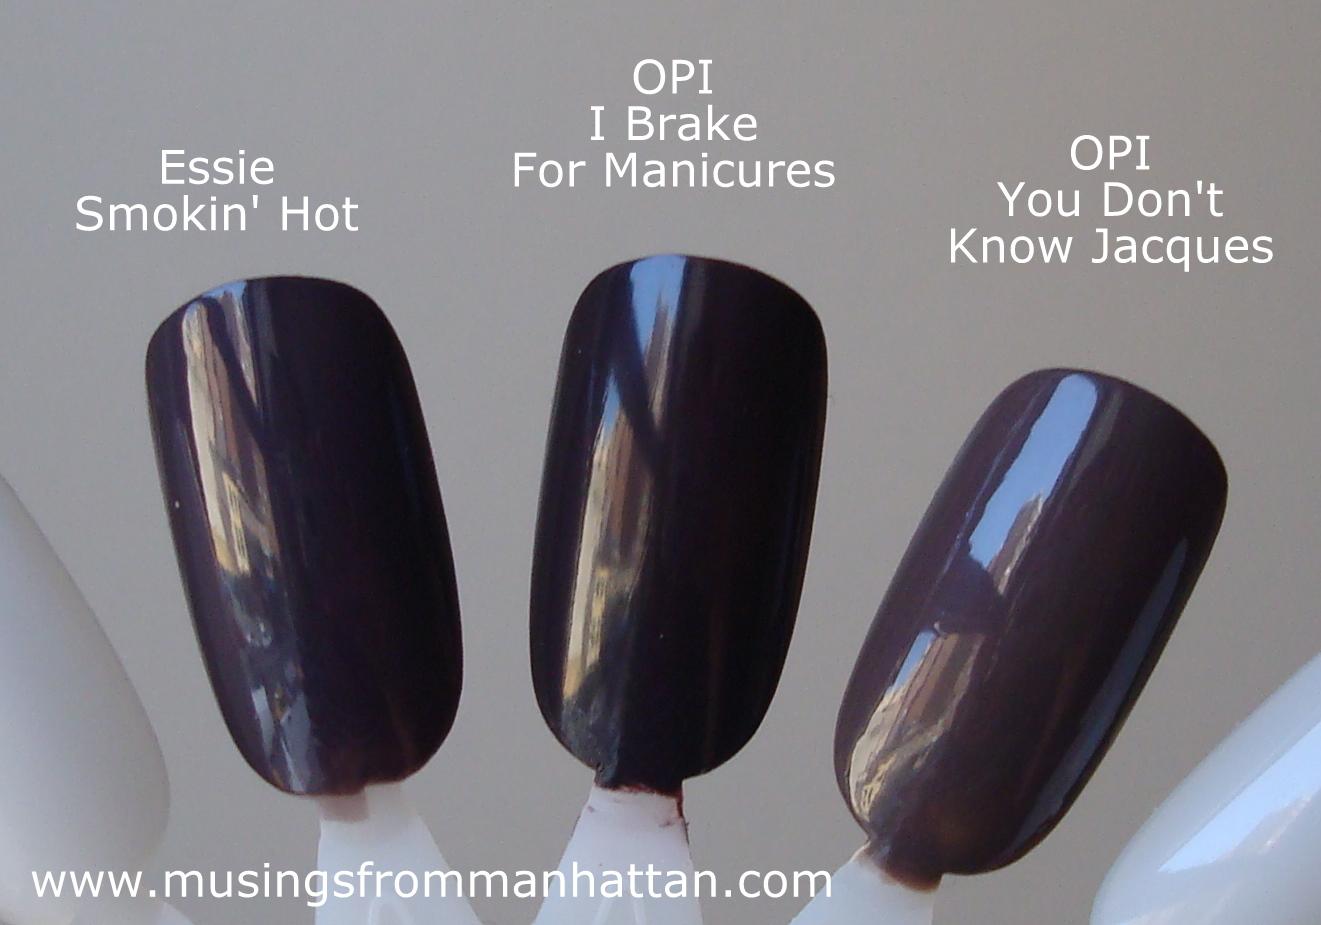 OPI  I Brake For ManicuresOpi I Brake For Manicures